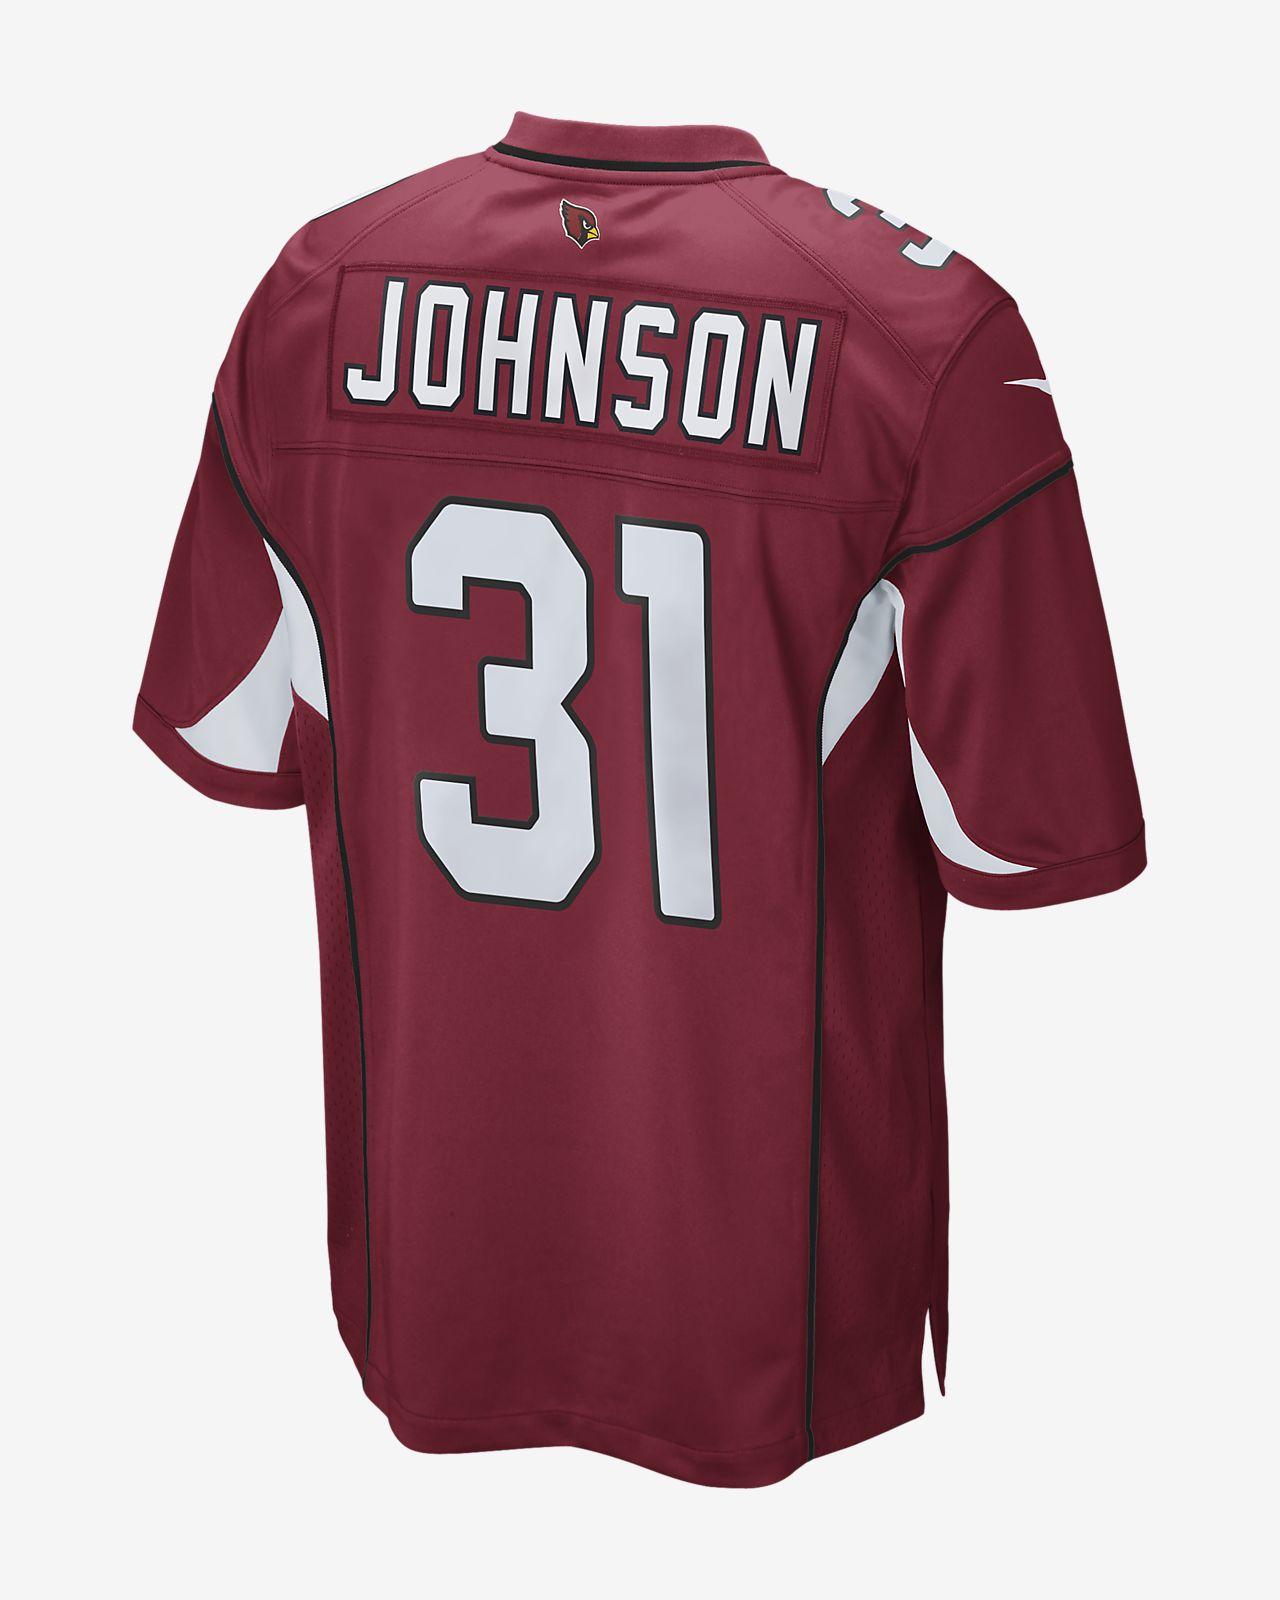 0999c8af4 ... Camisola de jogo de futebol americano NFL Arizona Cardinals (David  Johnson) para homem